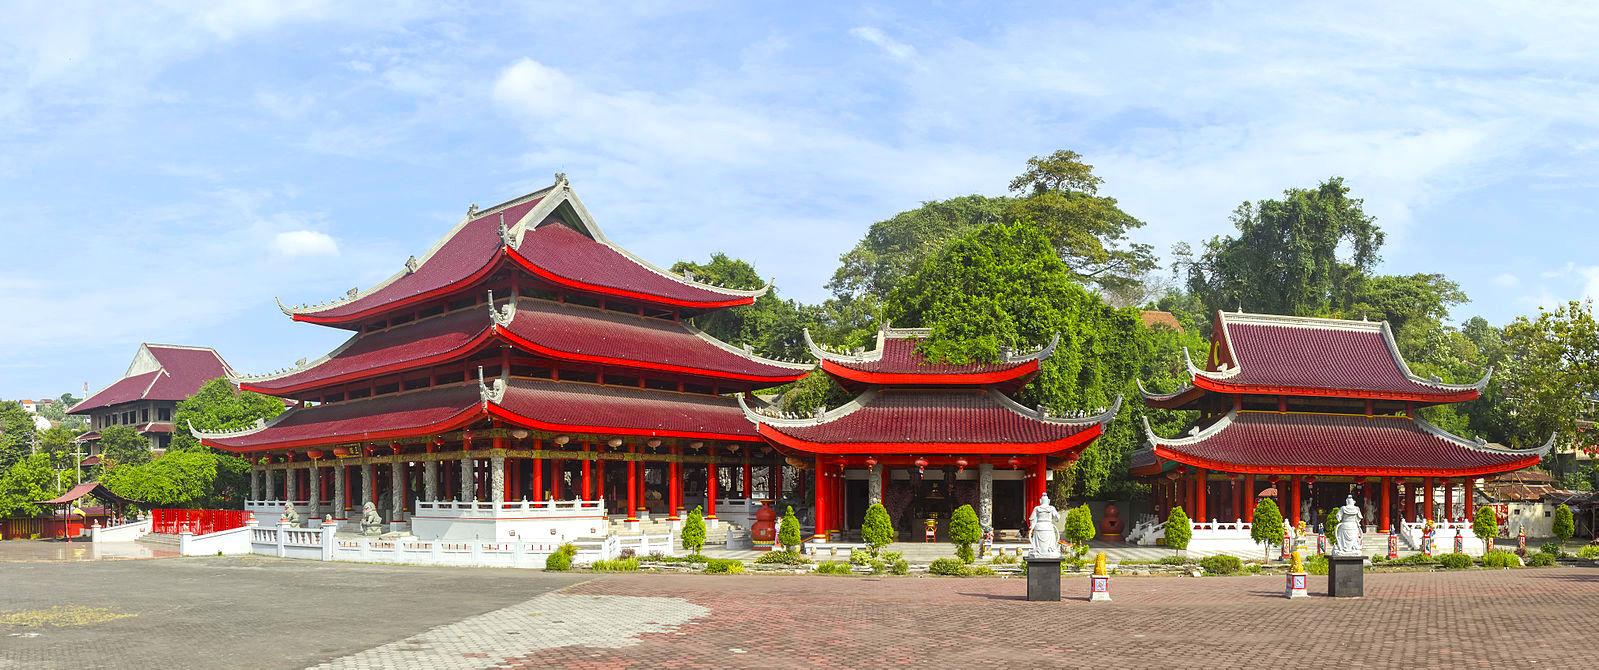 Three Temples at Sam Poo Kong